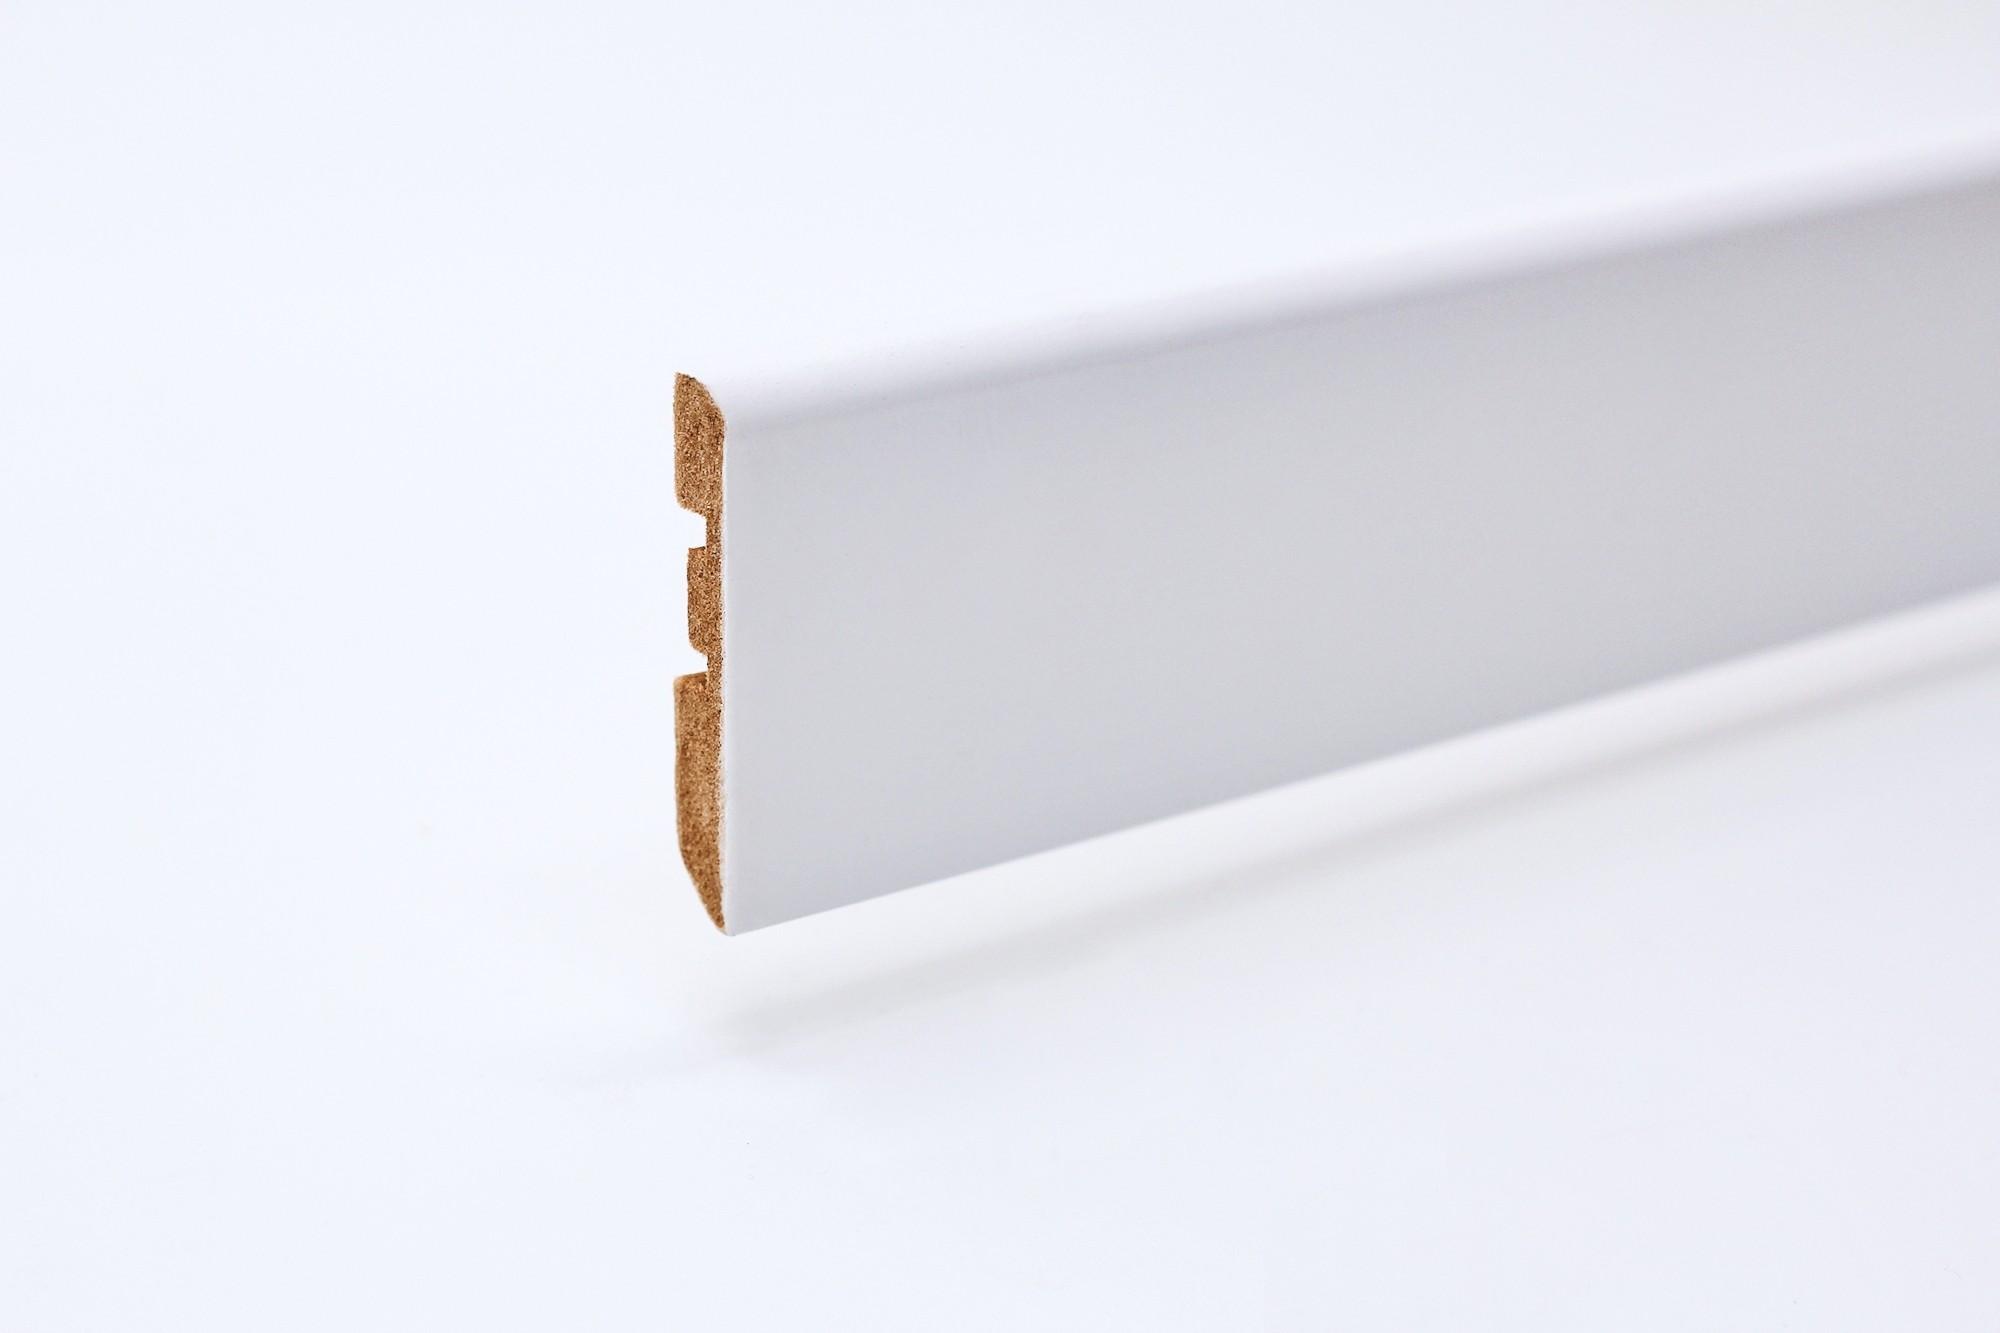 Sockelleiste (2400 x 10 x 58) abgerundet weiß lackiert Profil - Interio